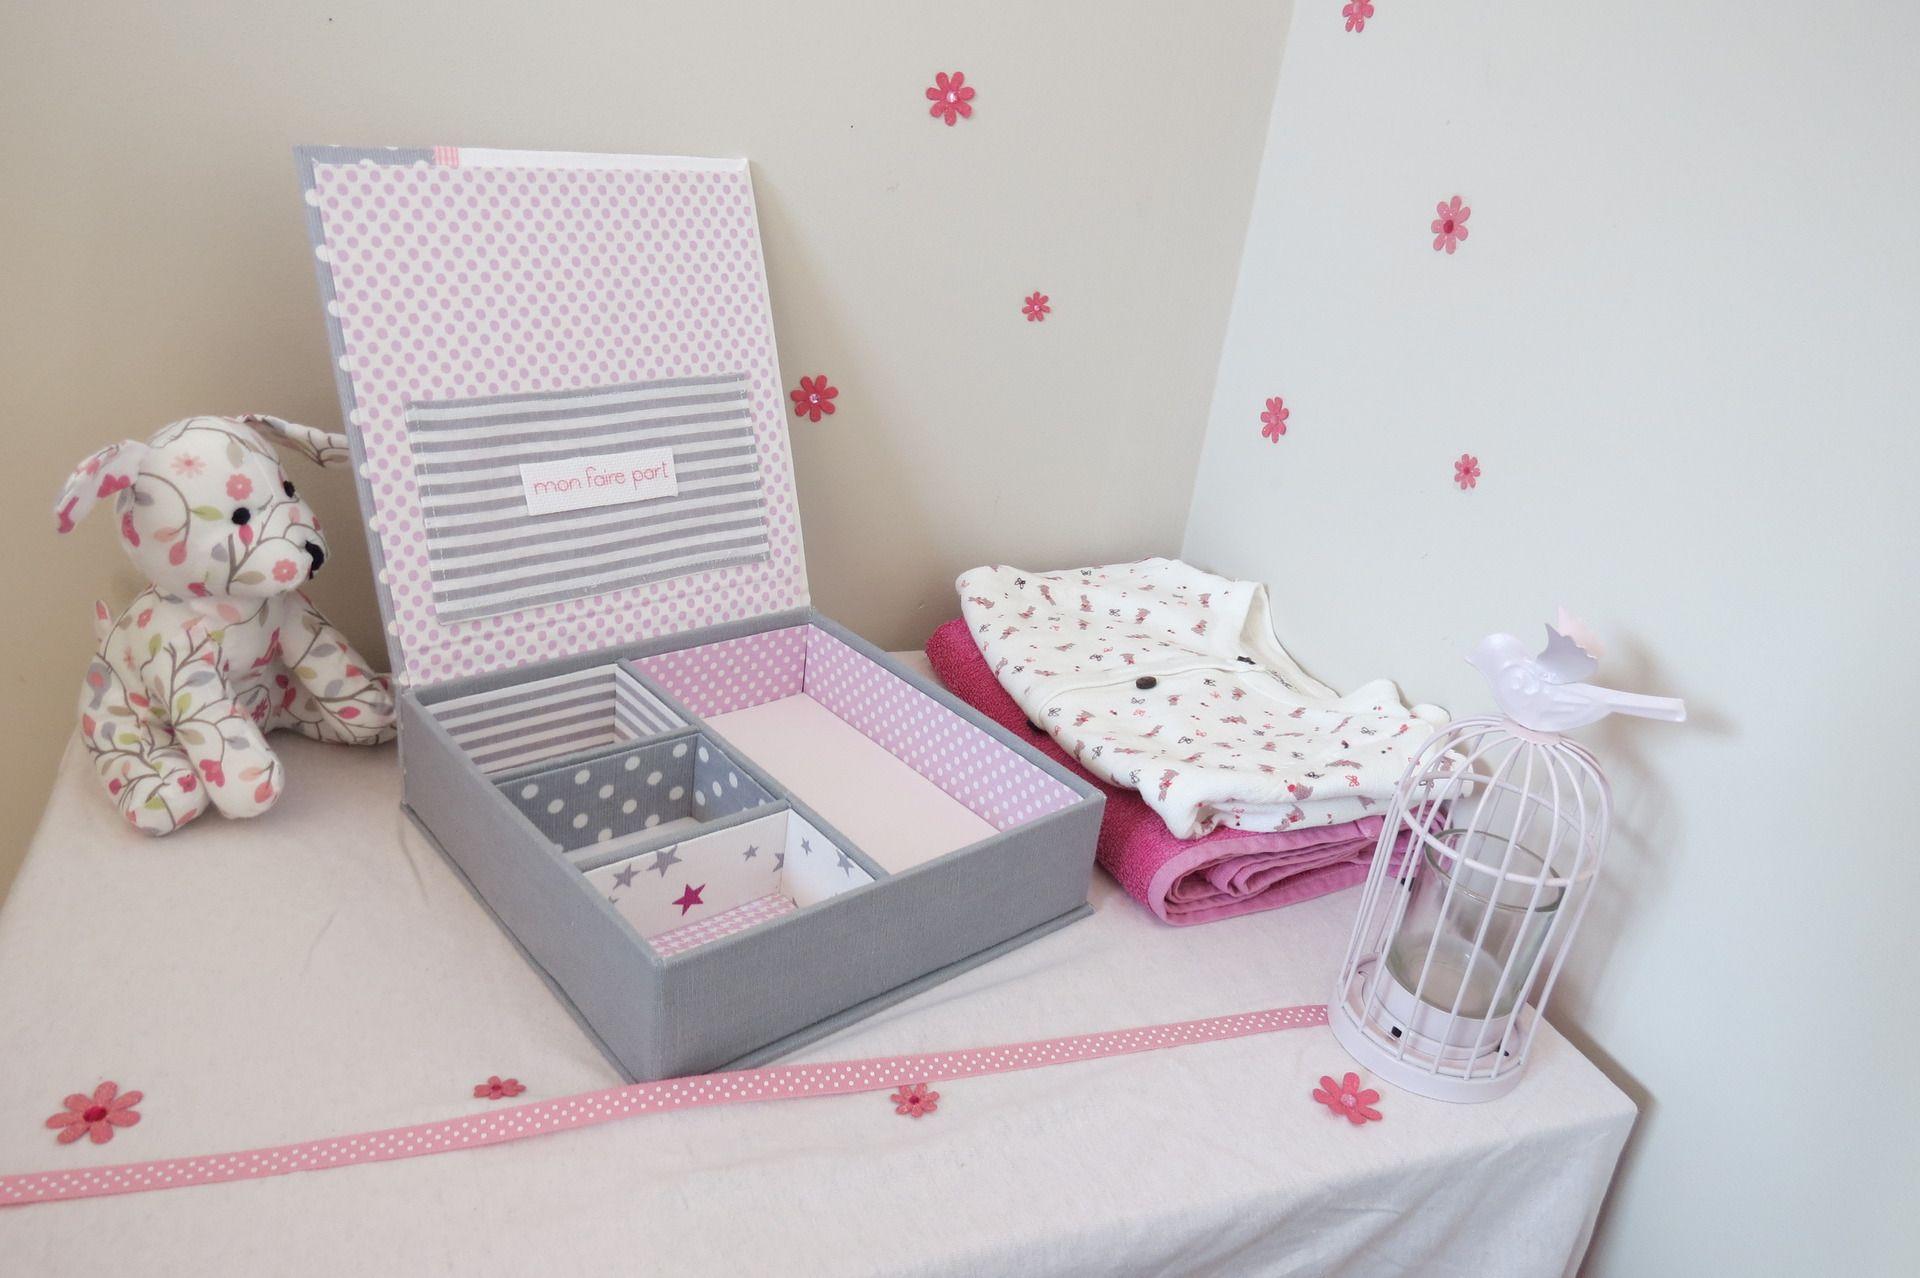 coffret de naissance fille personnalisable pour ranger tous les premiers souvenirs de votre b b. Black Bedroom Furniture Sets. Home Design Ideas